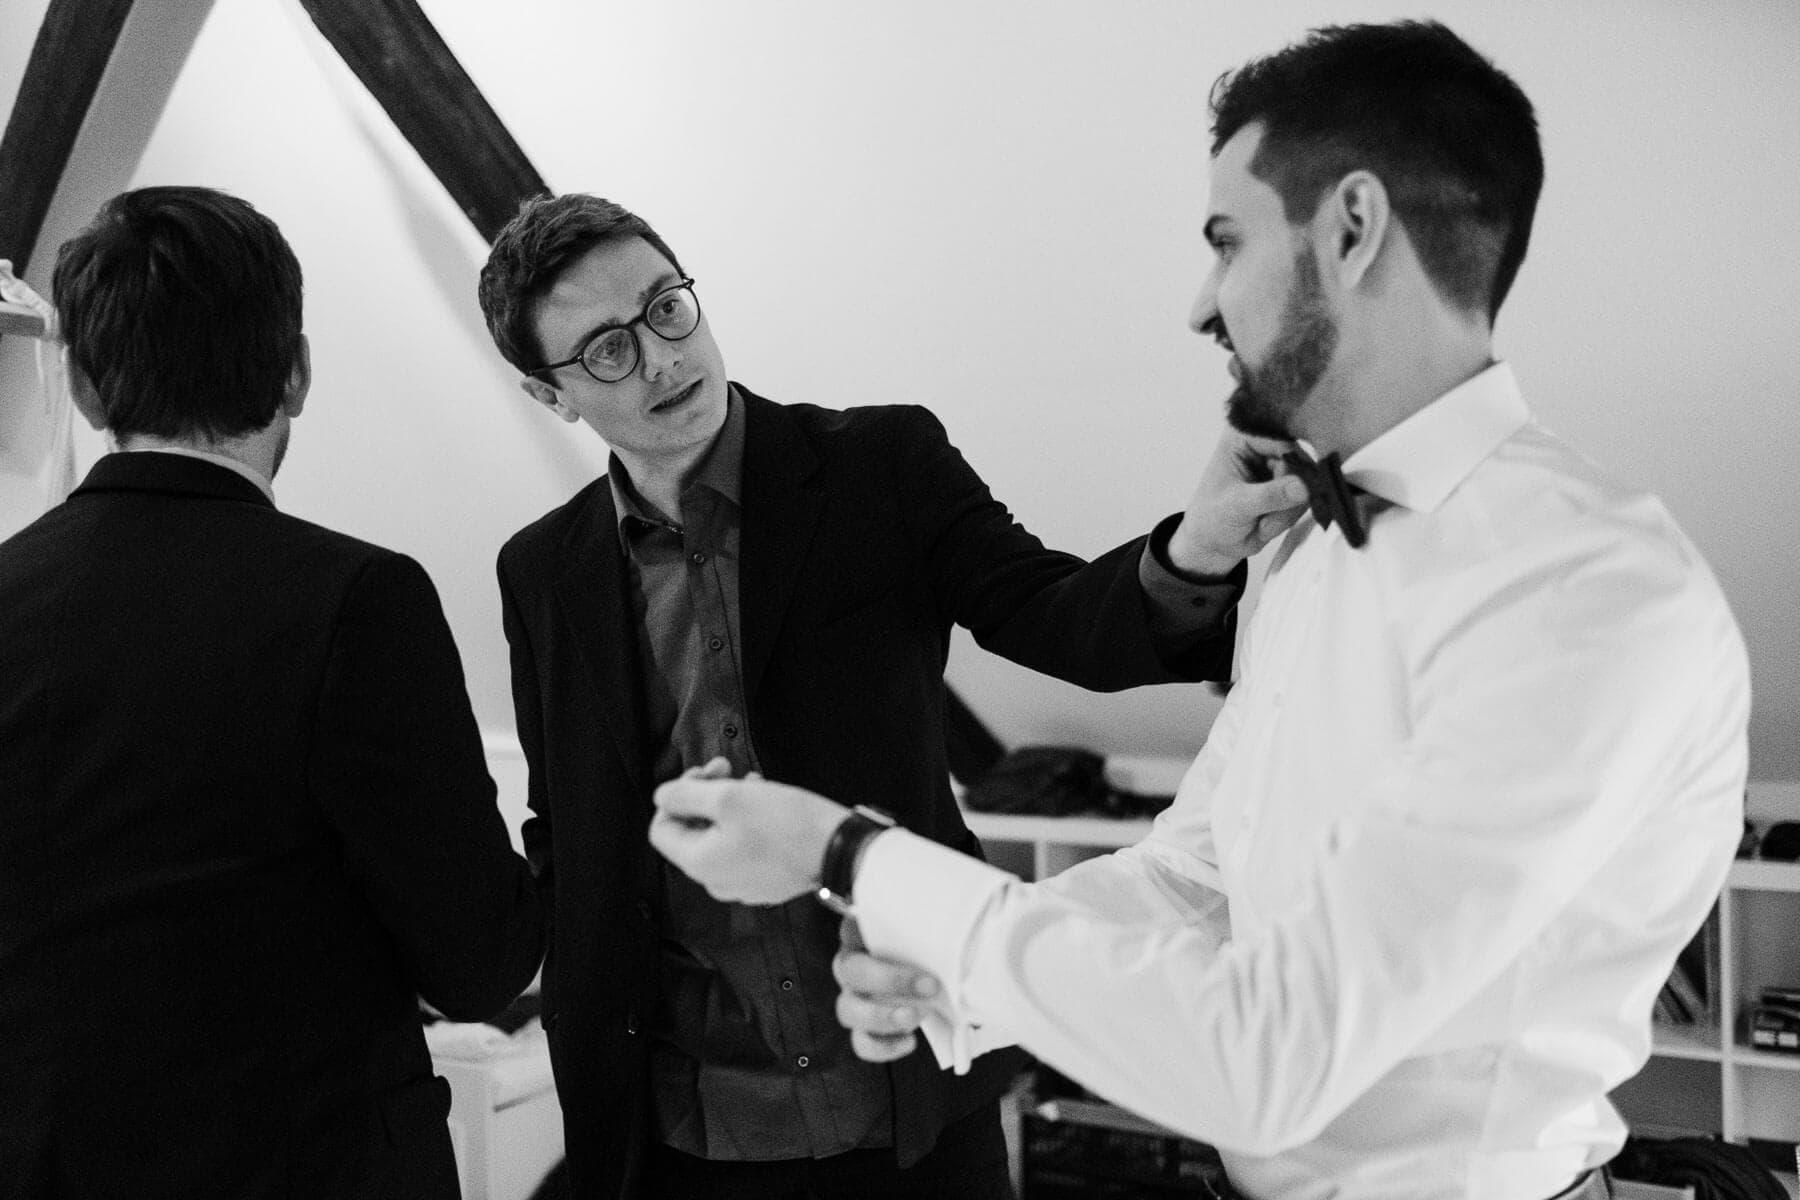 der Bräutigam steht mit 2 Männern in einem Landhaus, er trägt ein weißes Hemd, er richtet sich die Manschette, ein Mann steht neben ihm und legt seine Hand auf seine Schulter, sie schauen sich an, der andere Mann steht mit dem Rücken zum Bräutigam